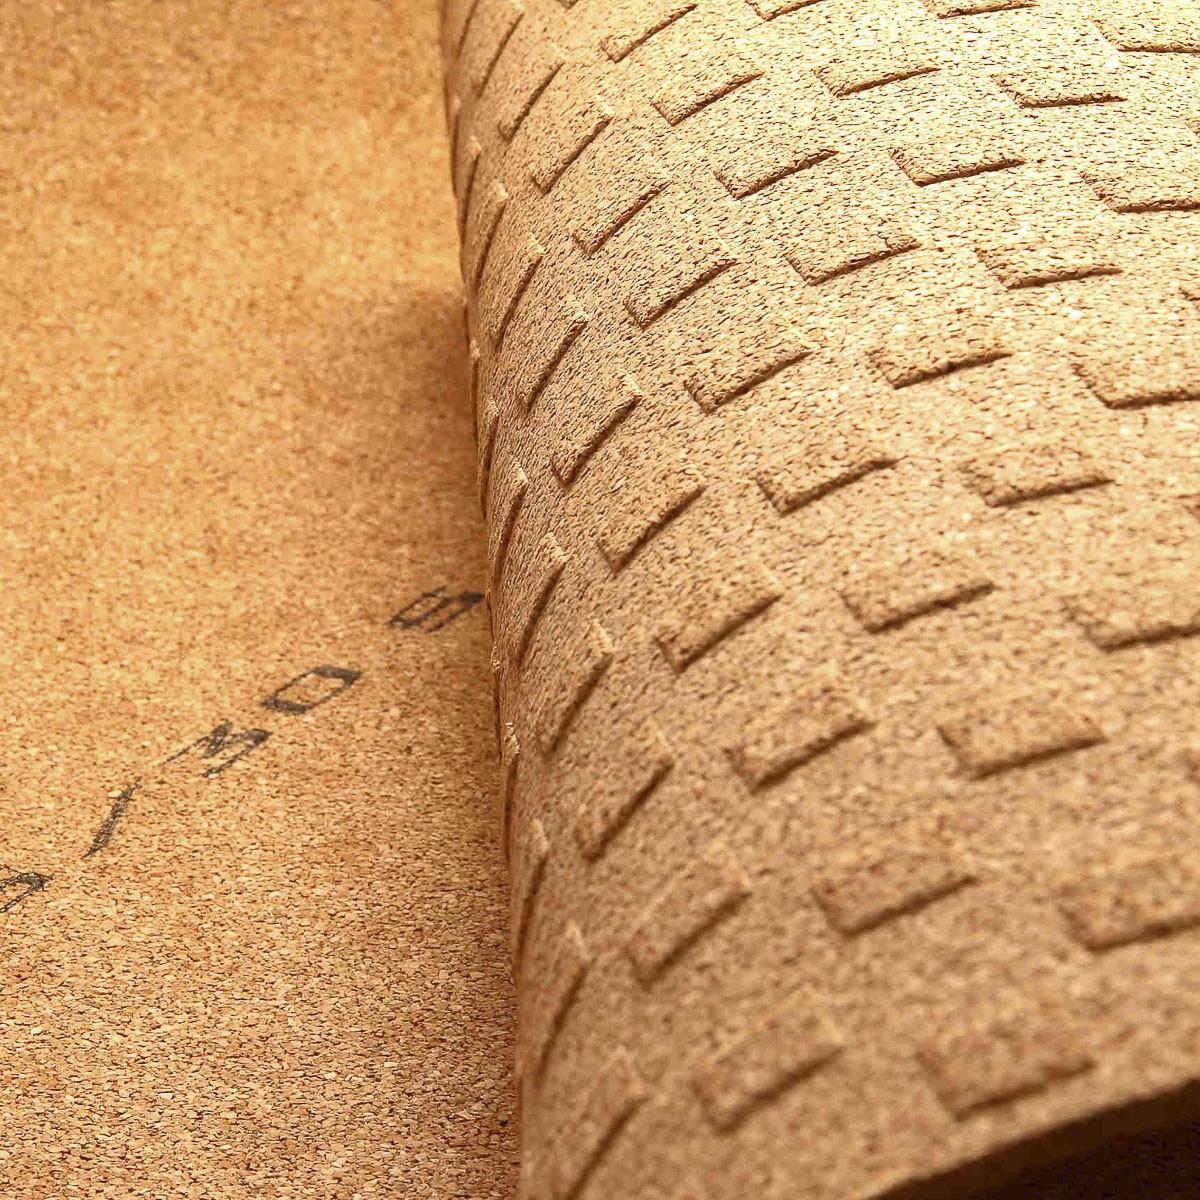 Conseil parquet massif prix sous couche en li ge pour parquet massif parquets protat - Sous couche lambris vernis ...